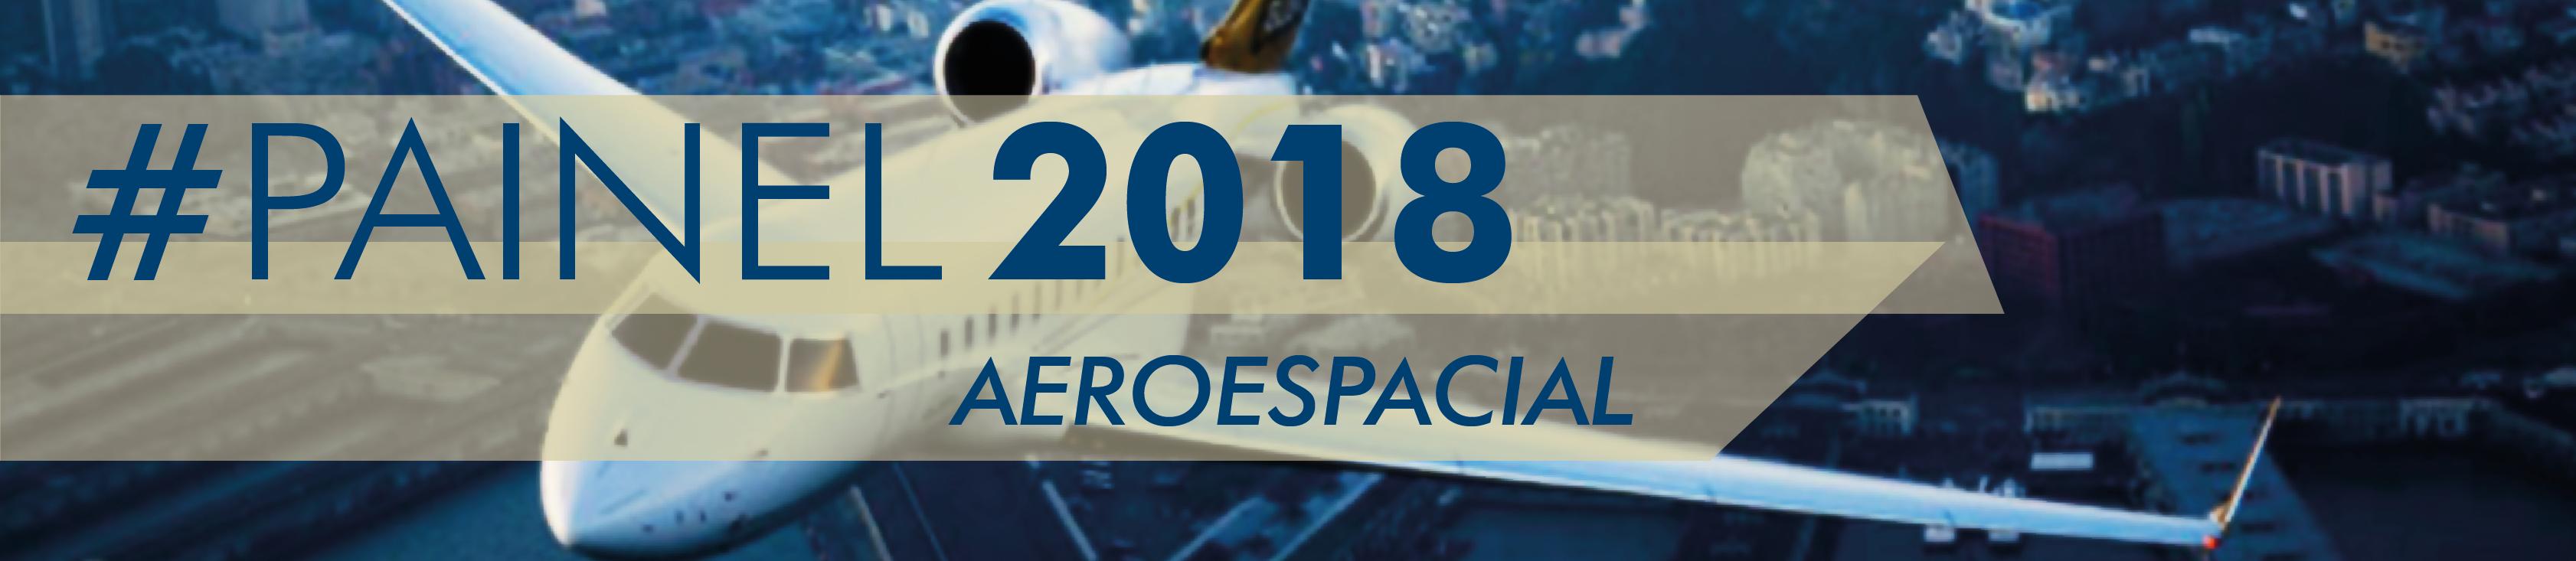 Banner do painel Aeroespacial com a data, horário e local